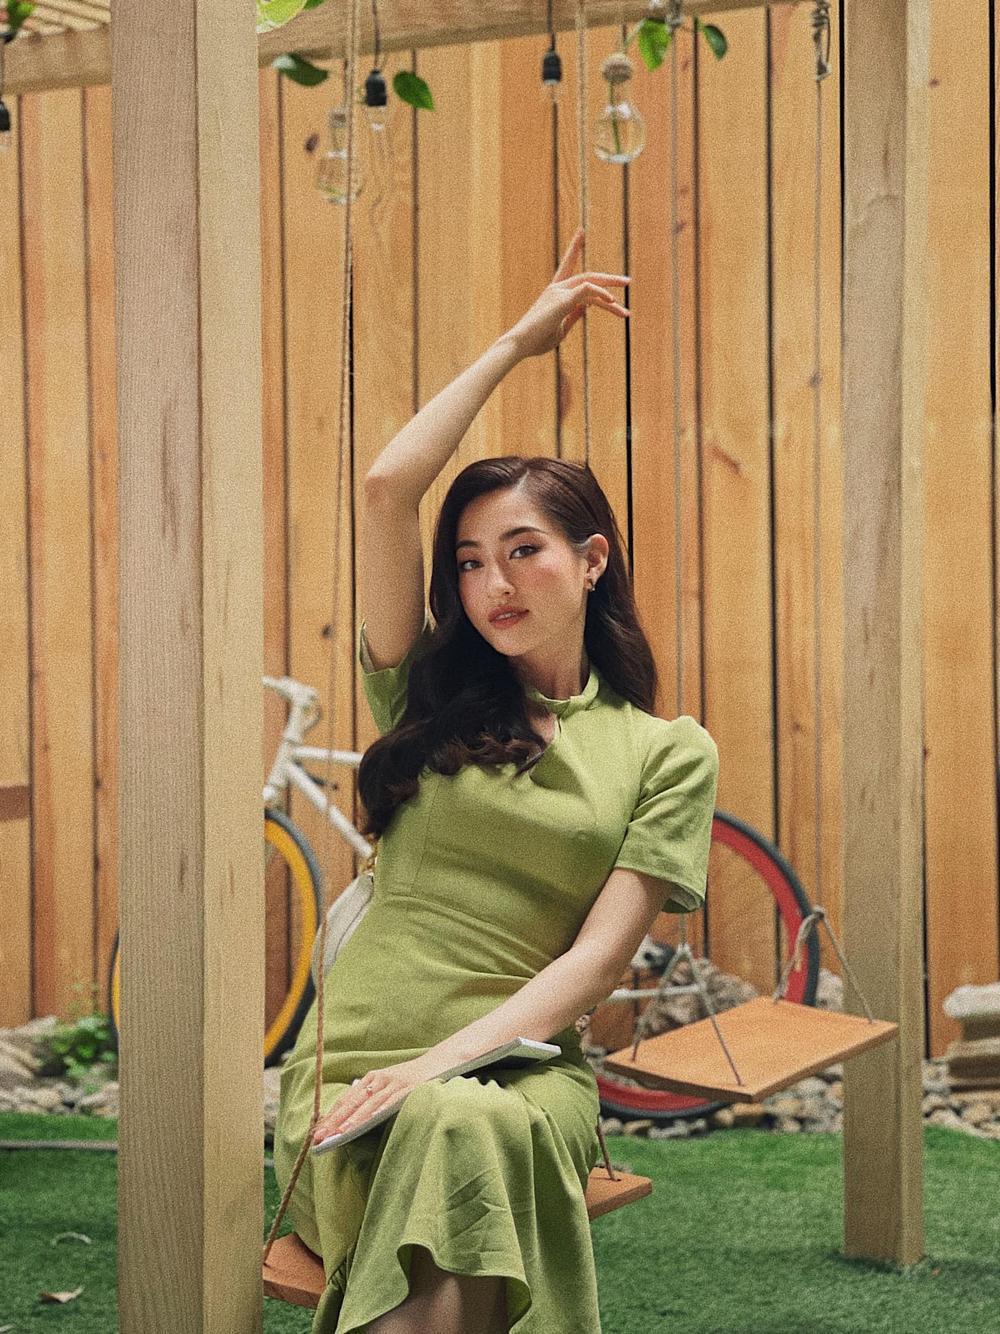 Hết khoe body gợi cảm, Lương Thùy Linh 'kín cổng cao tường' nhưng thần thái bén ngót khiến fan thán phục Ảnh 3